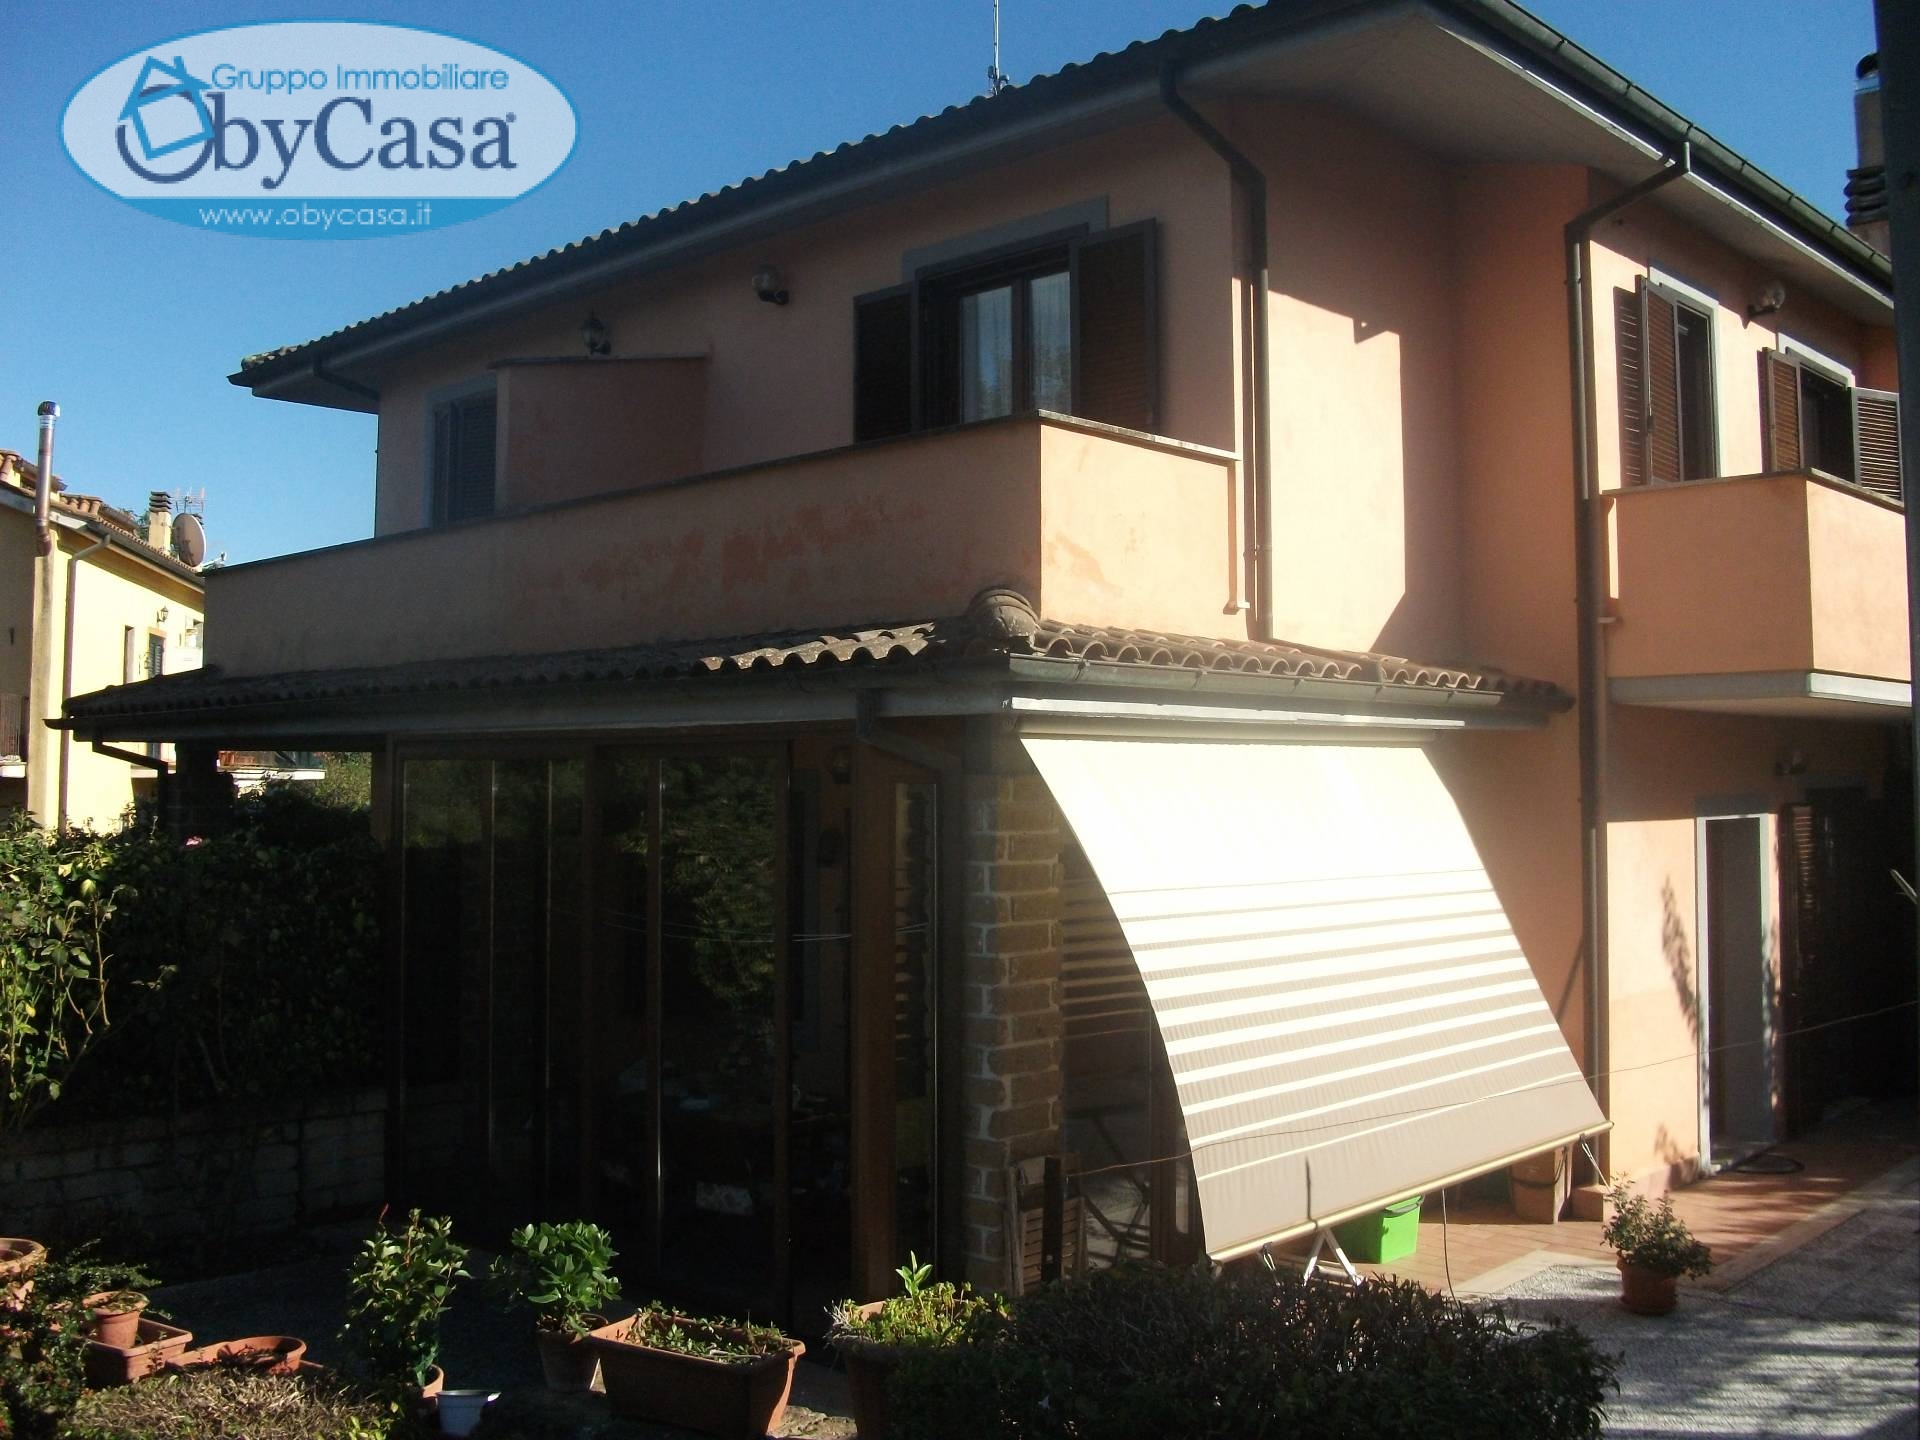 Villa in vendita a Oriolo Romano, 4 locali, prezzo € 156.000 | CambioCasa.it